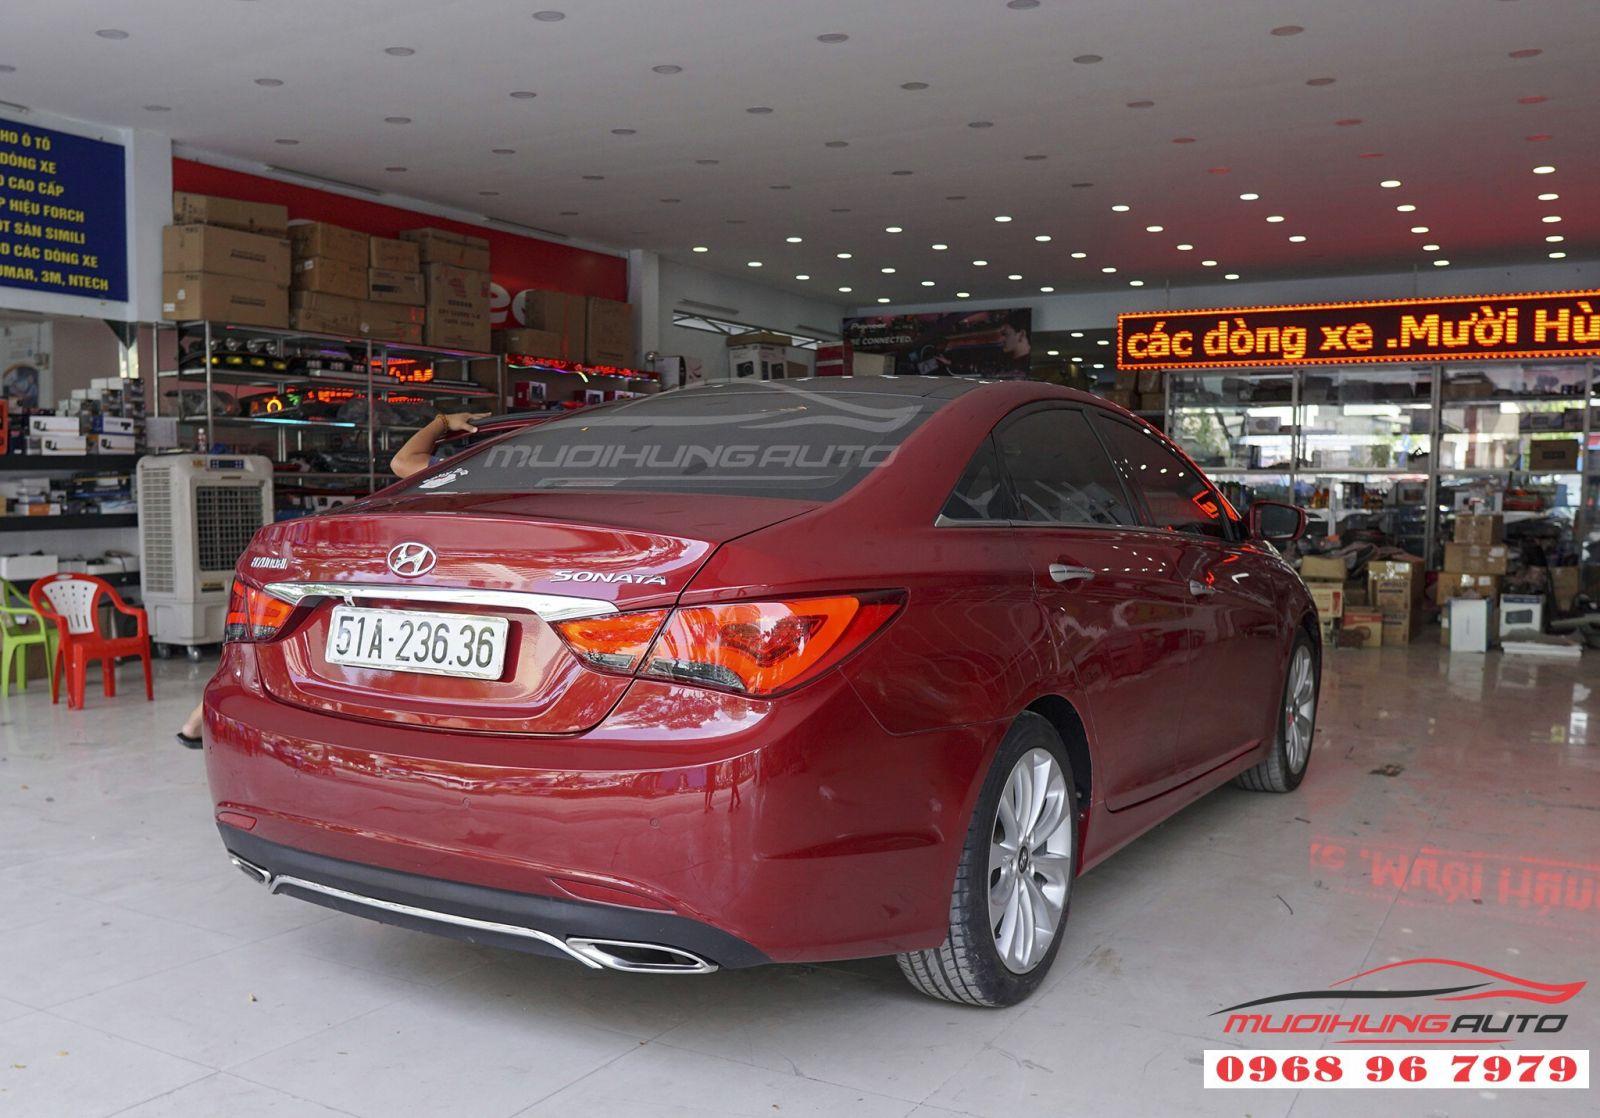 Hyundai Sonata 2011 độ đèn hậu nguyên cụm giá tốt 02